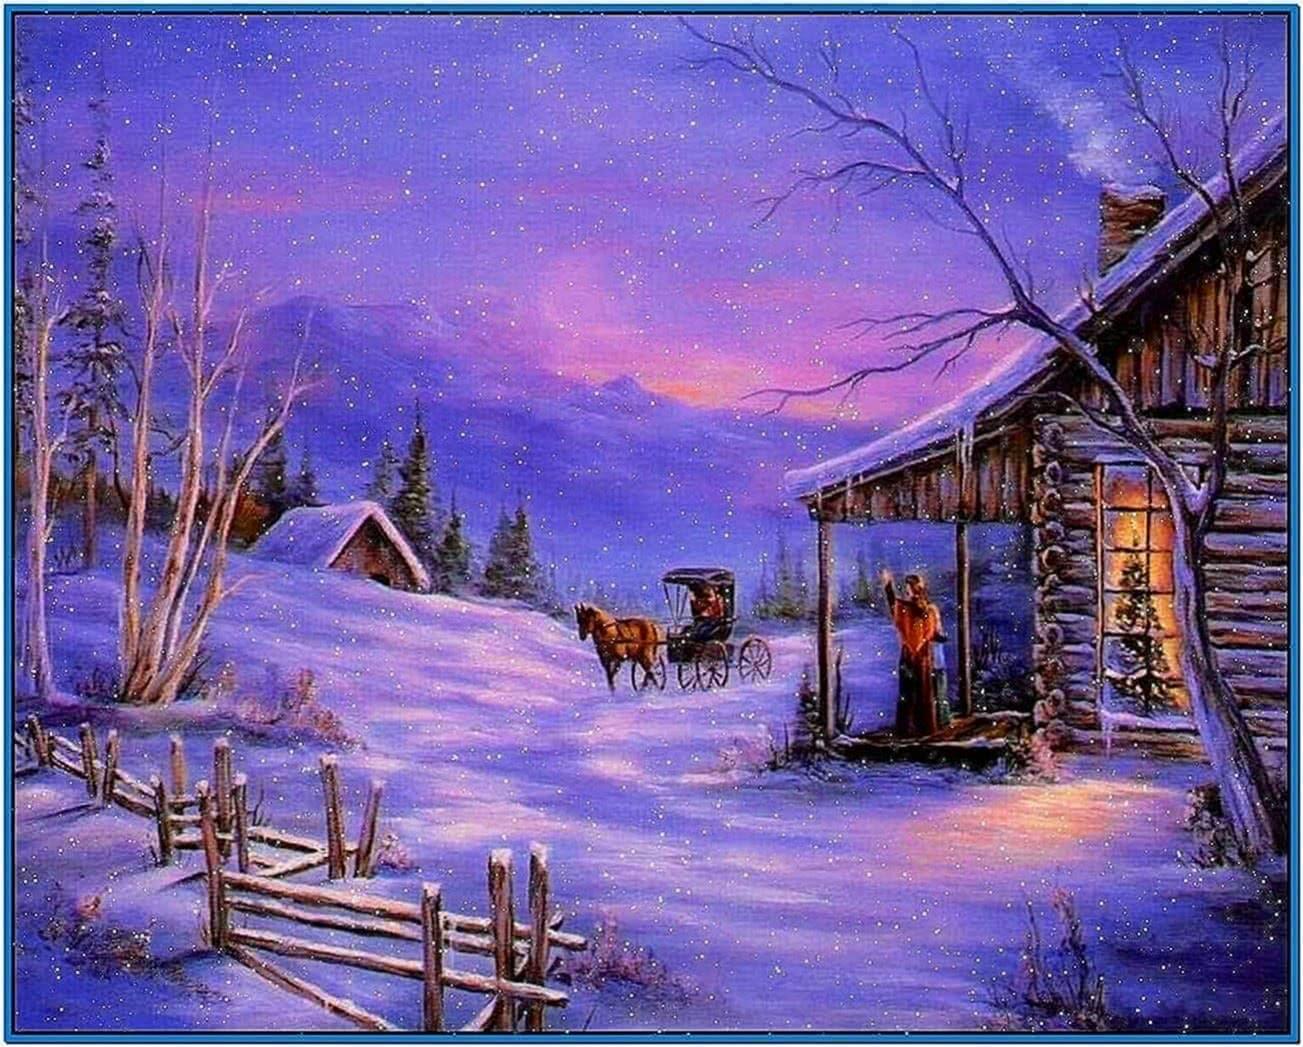 Screensaver Christmas Snow